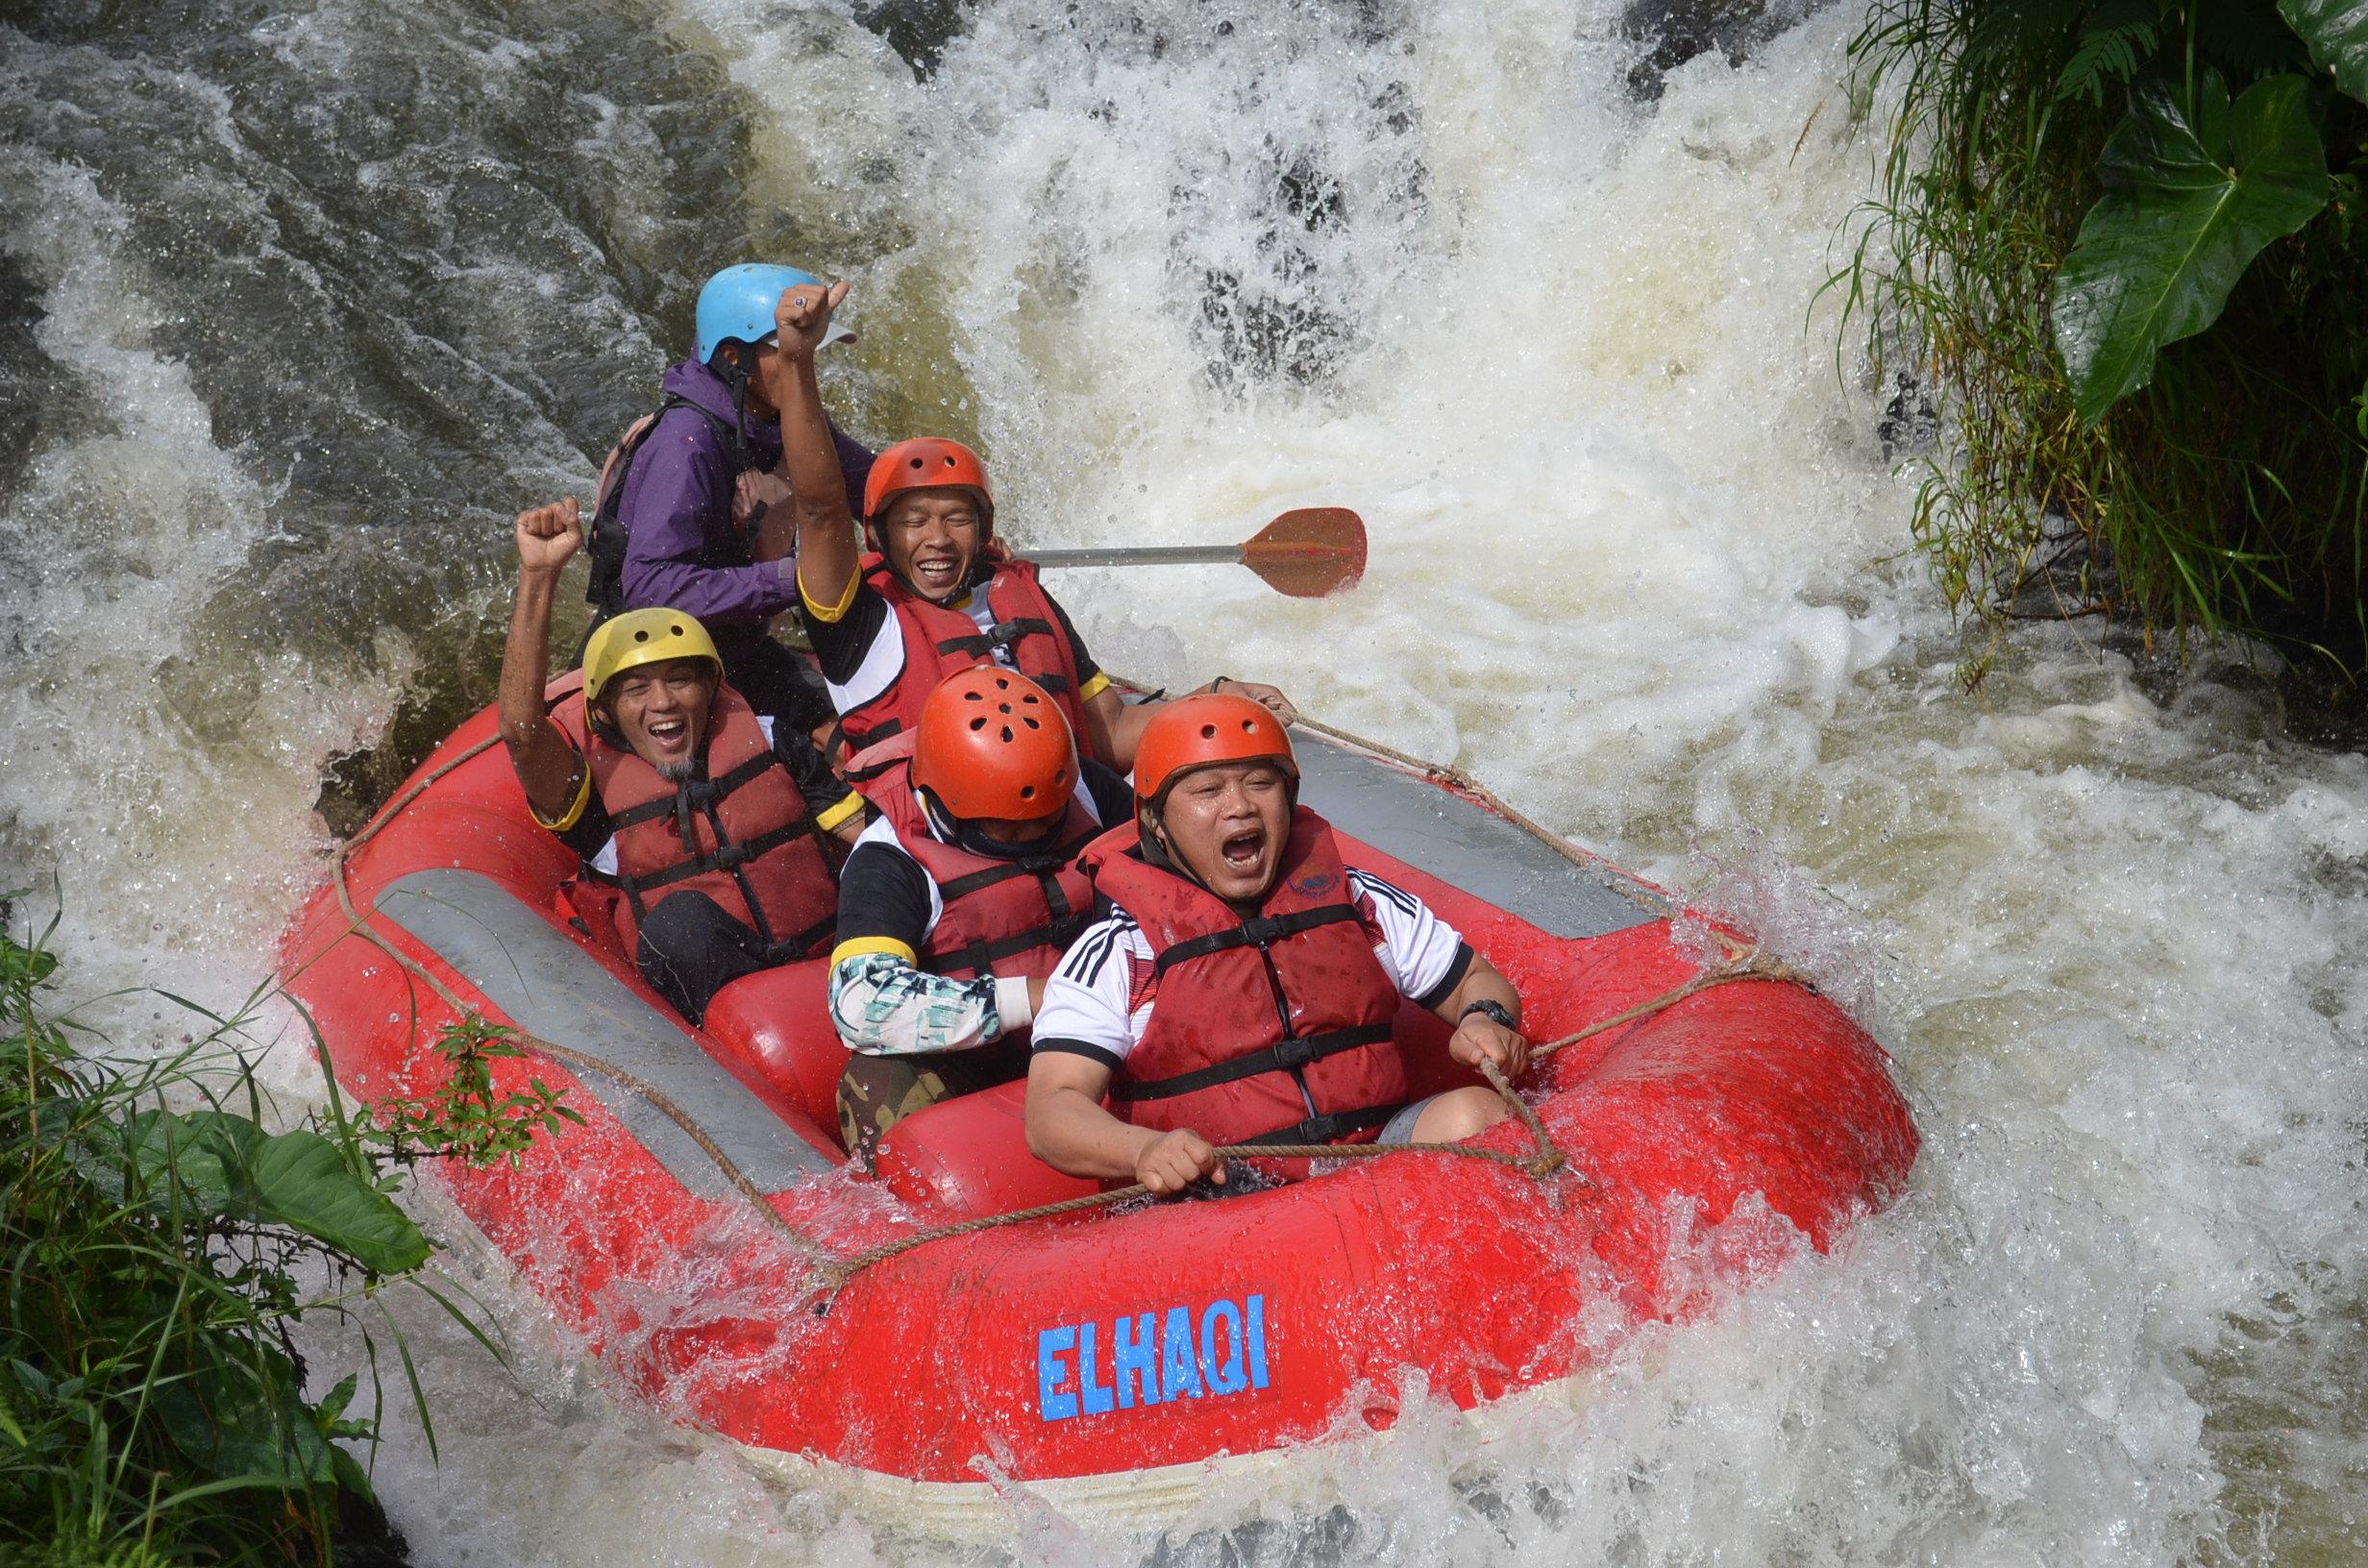 wahana-wisata-rafting-pangalengan-bandung-selatan-25